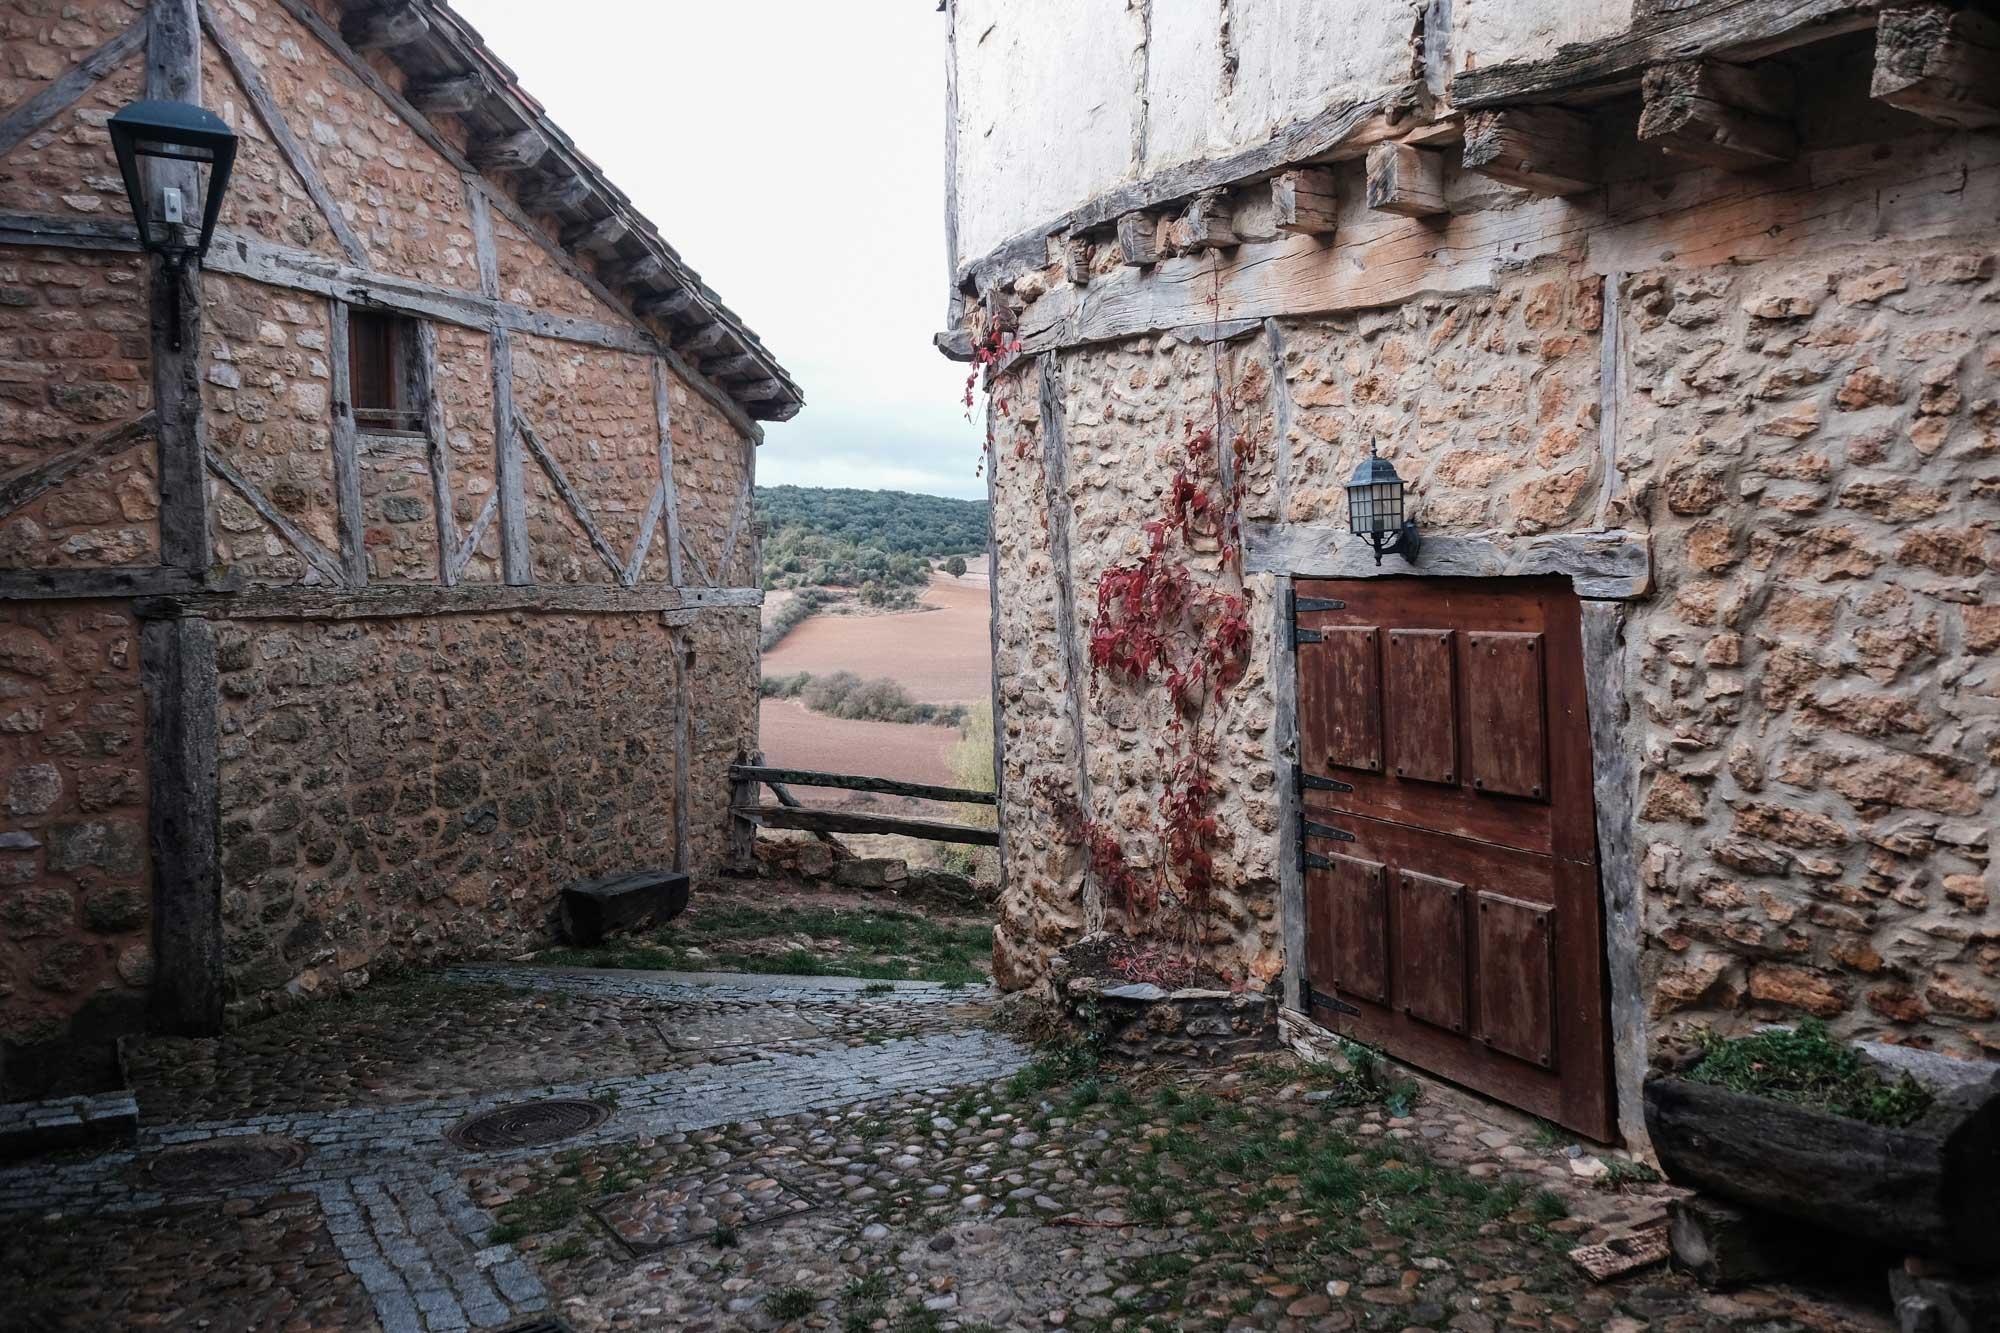 Este rincón, cerca del castillo, evoca cuentos de zapateros y duendes.